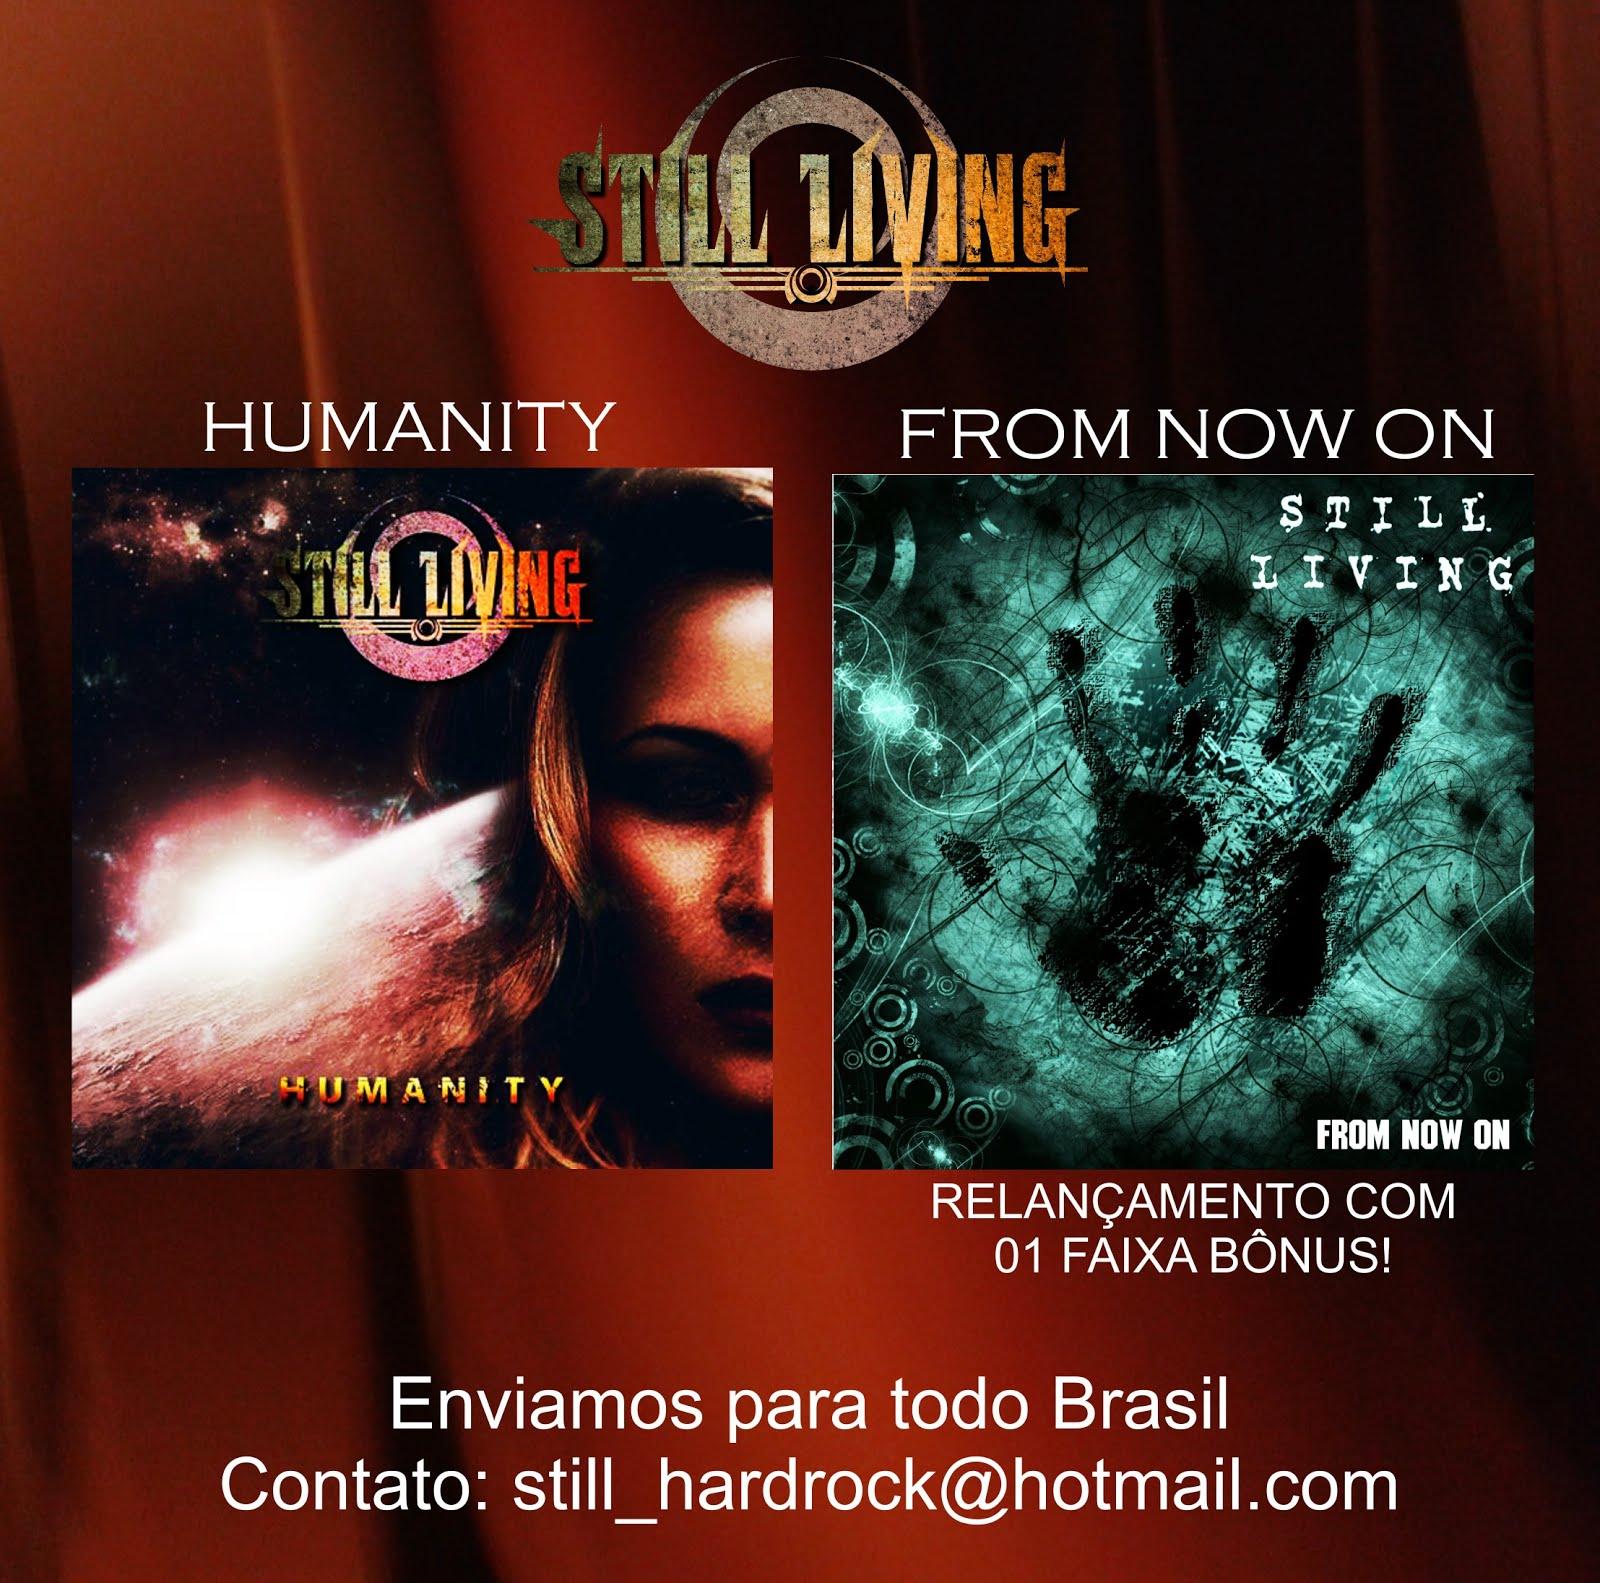 Still Living (CDs For Sale!!!)